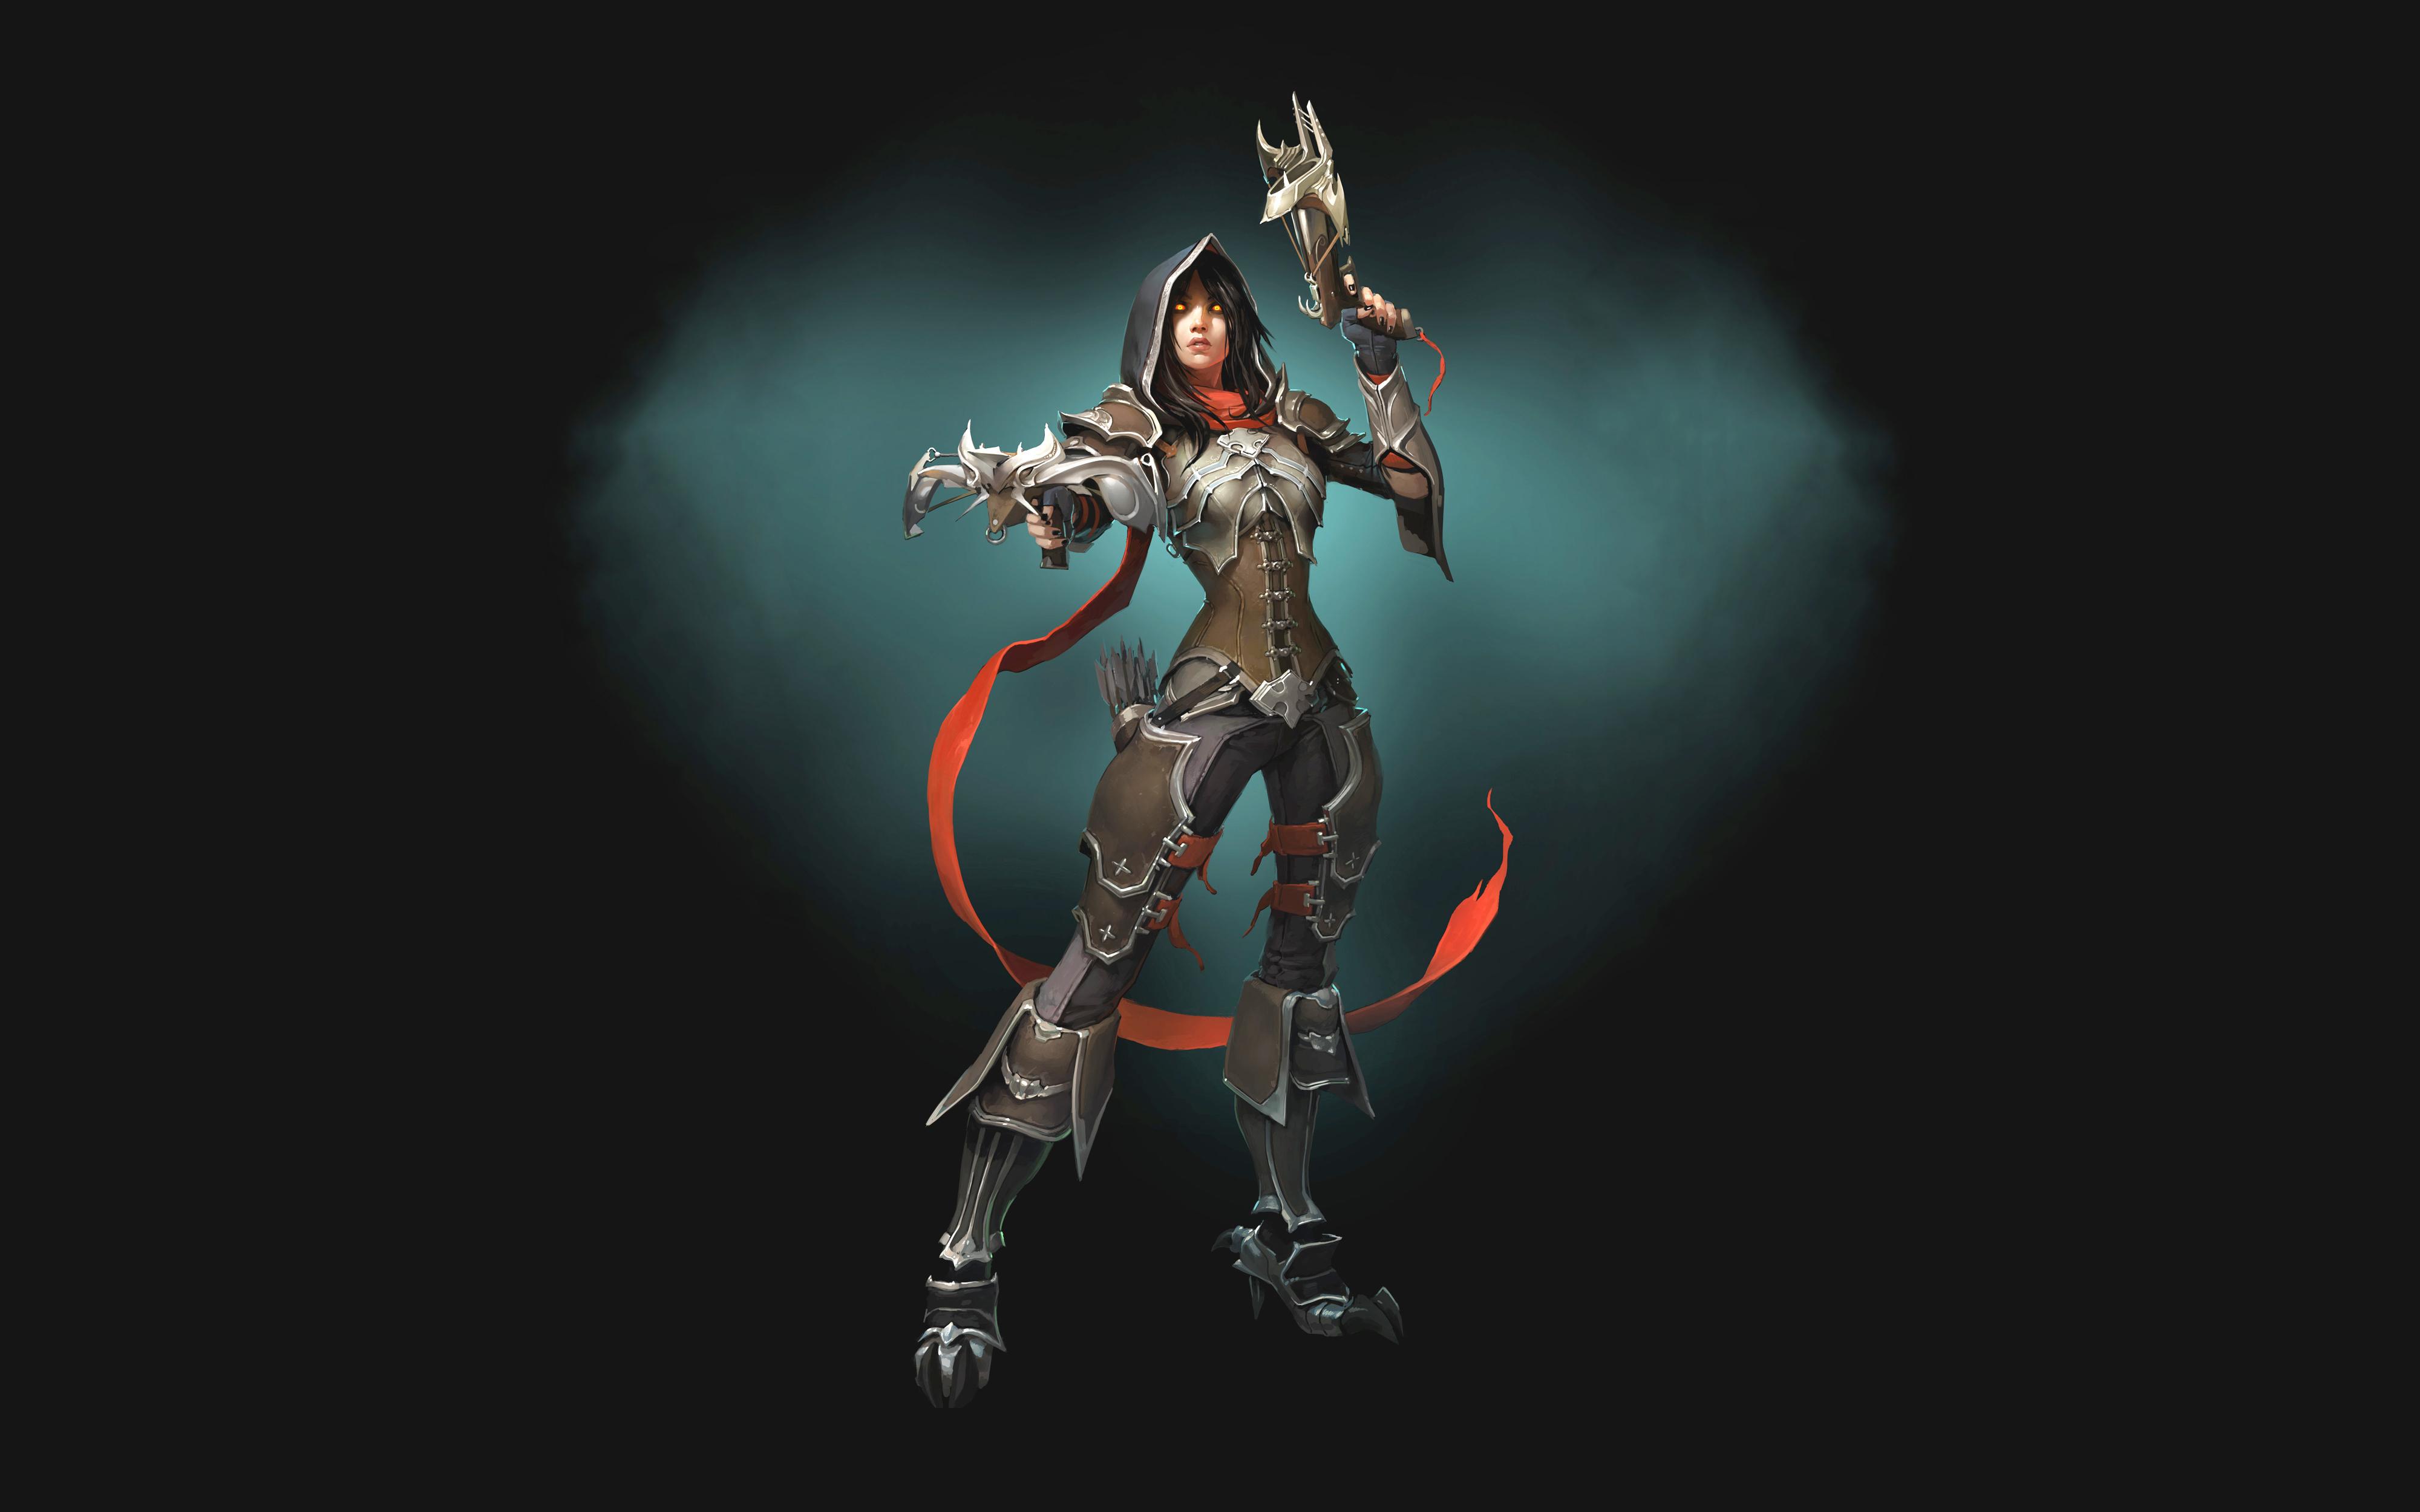 Demon Hunter Diablo 3  № 1892501 бесплатно